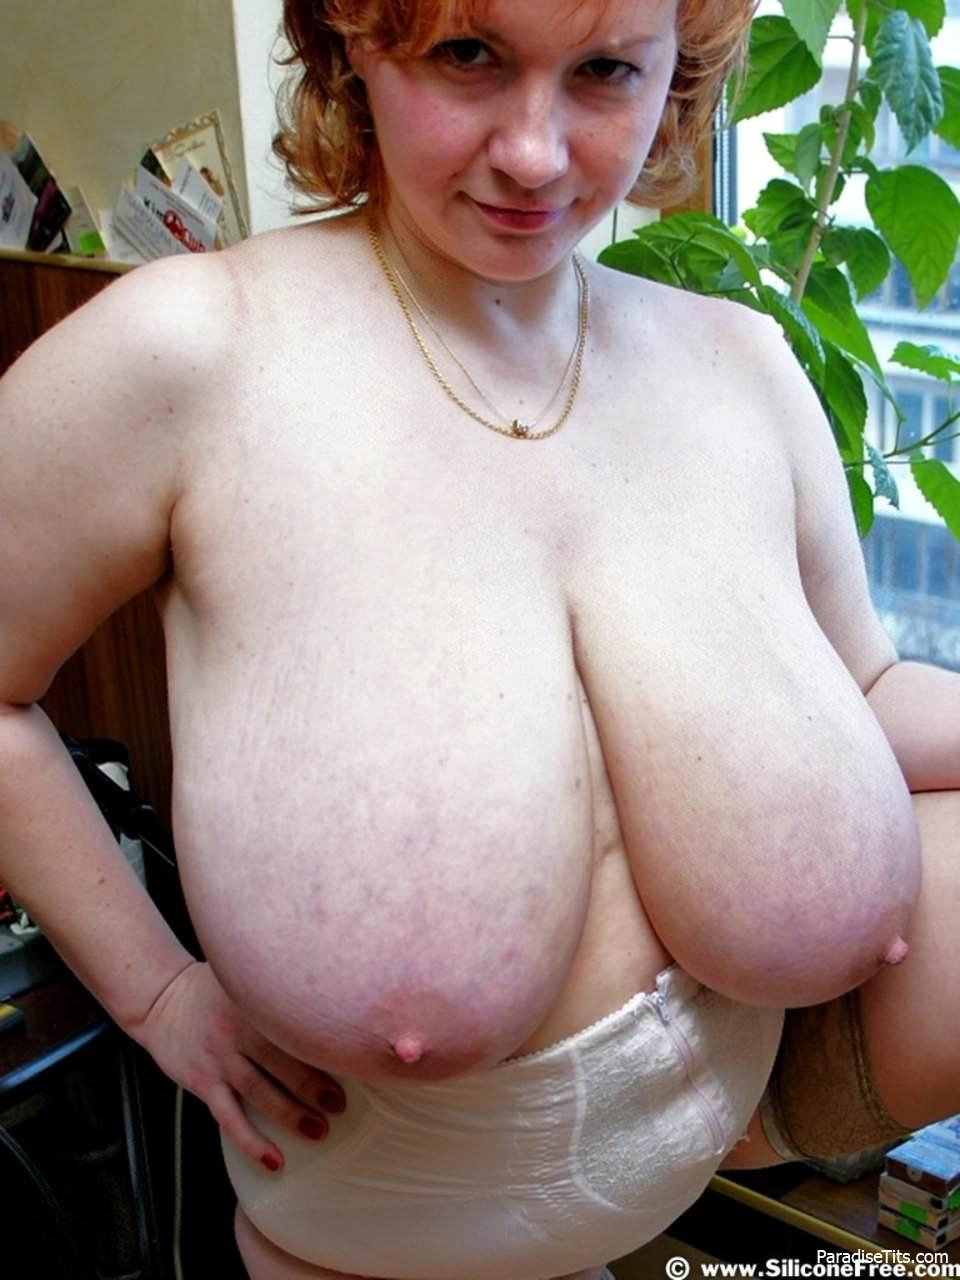 На порно фото зрелая толстая баба показывает свои сокровища - огромнейшие дойки